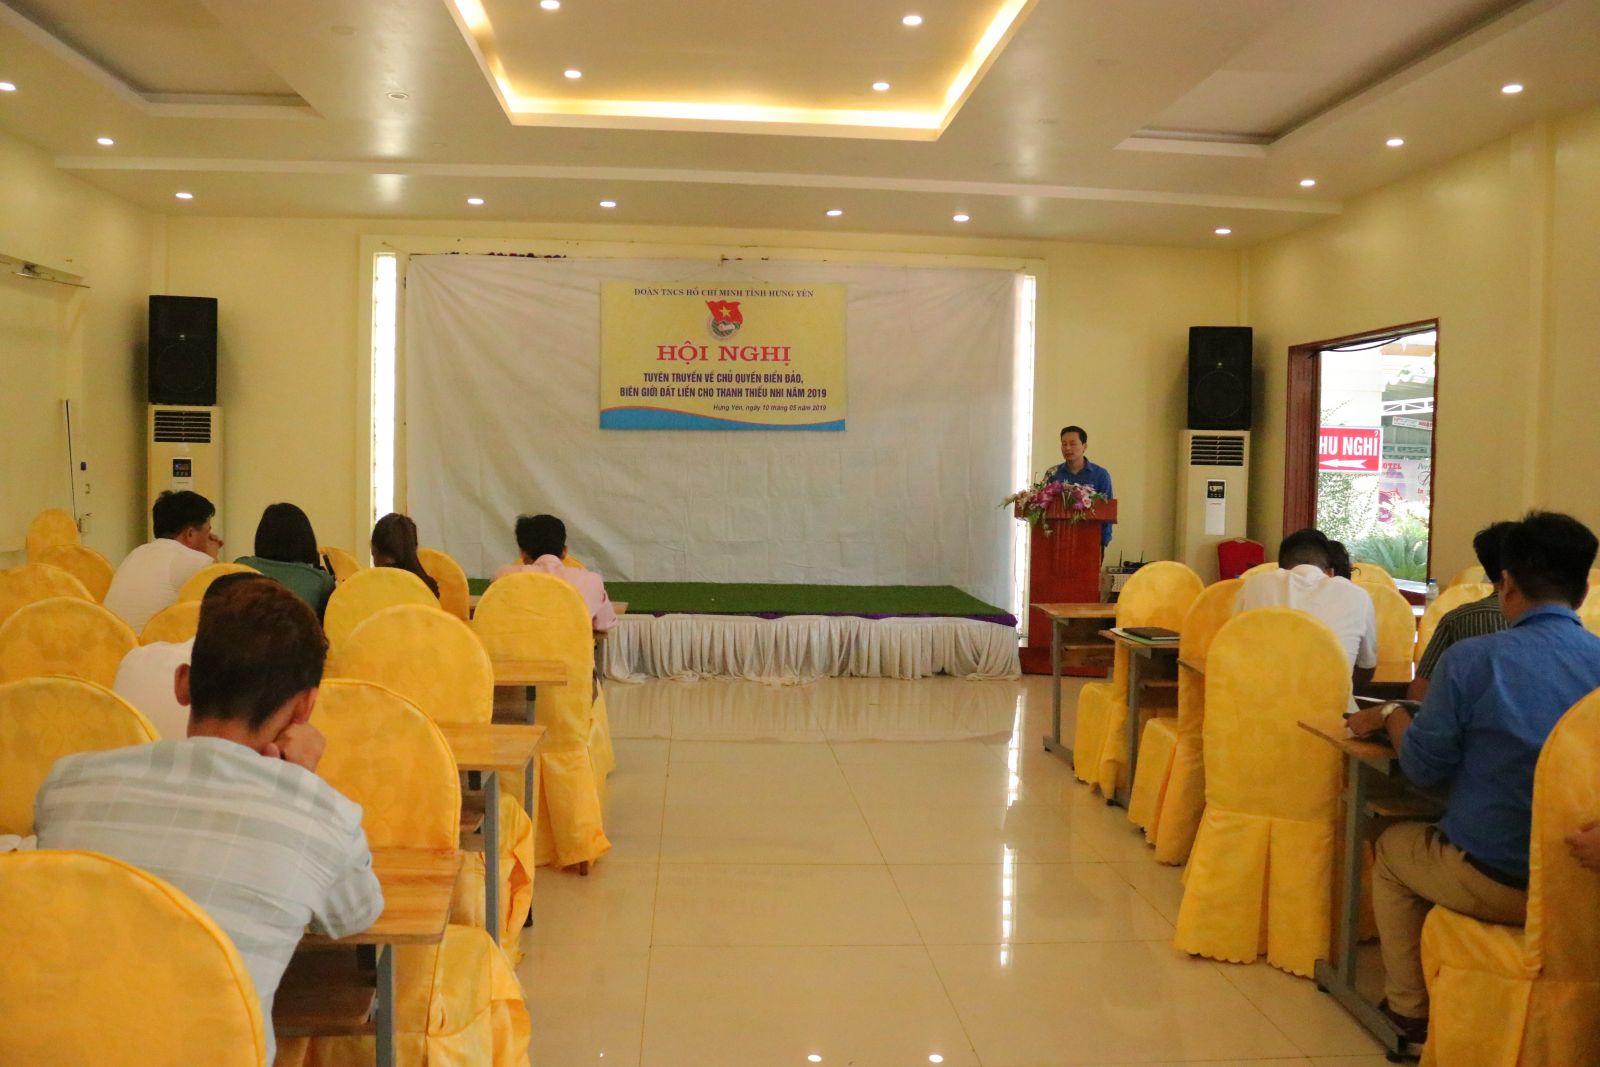 Tỉnh đoàn tổ chức Hội nghị tuyên truyền về chủ quyền biển đảo, biên giới đất liền cho thanh thiếu nhi năm 2019